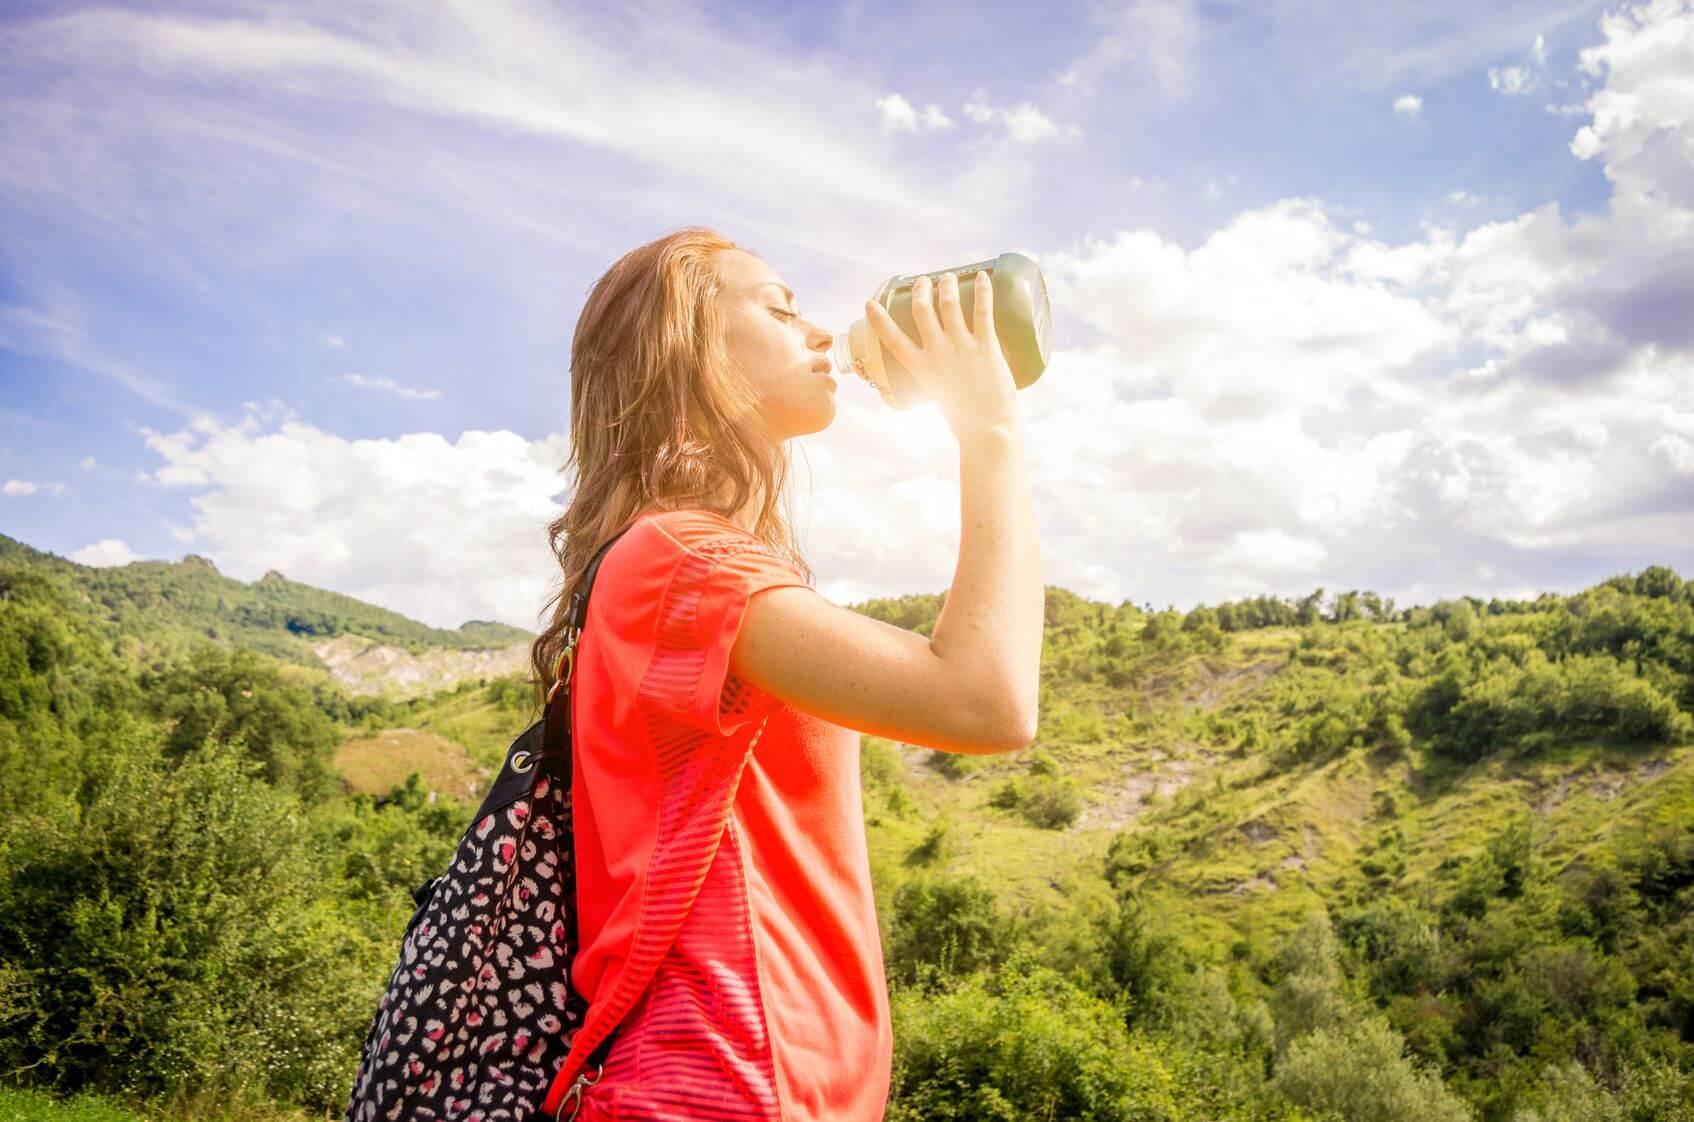 نوشیدن آب برای سنگ کلیه